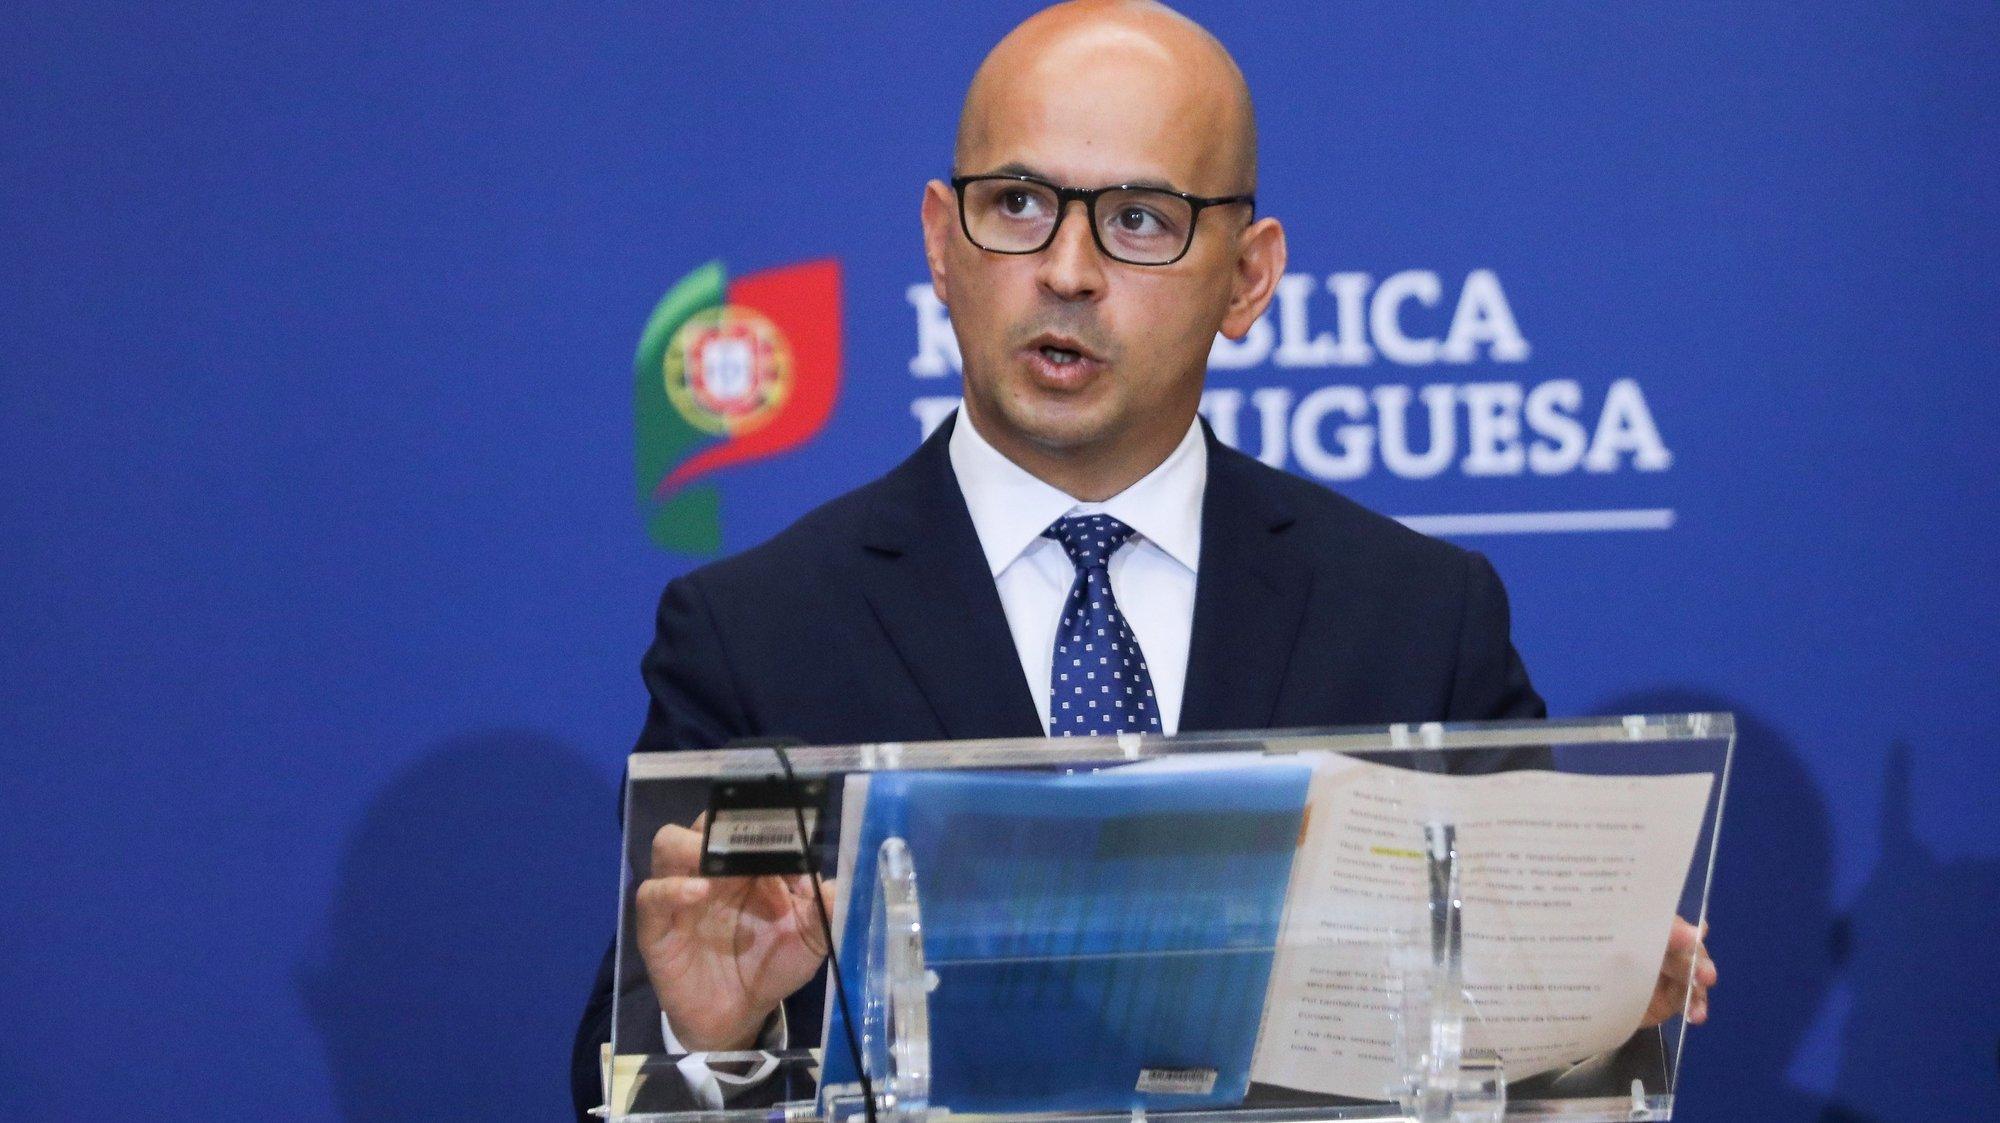 O ministro de Estado e das Finanças, João Leão, intervém na cerimónia de assinatura dos Acordos de Financiamento e de Empréstimo, relativos ao Mecanismo de Recuperação e Resiliência, entre Portugal e a Comissão Europeia, esta tarde no Ministério das Finanças em Lisboa, 26 de julho de 2021.  MIGUEL A. LOPES/LUSA